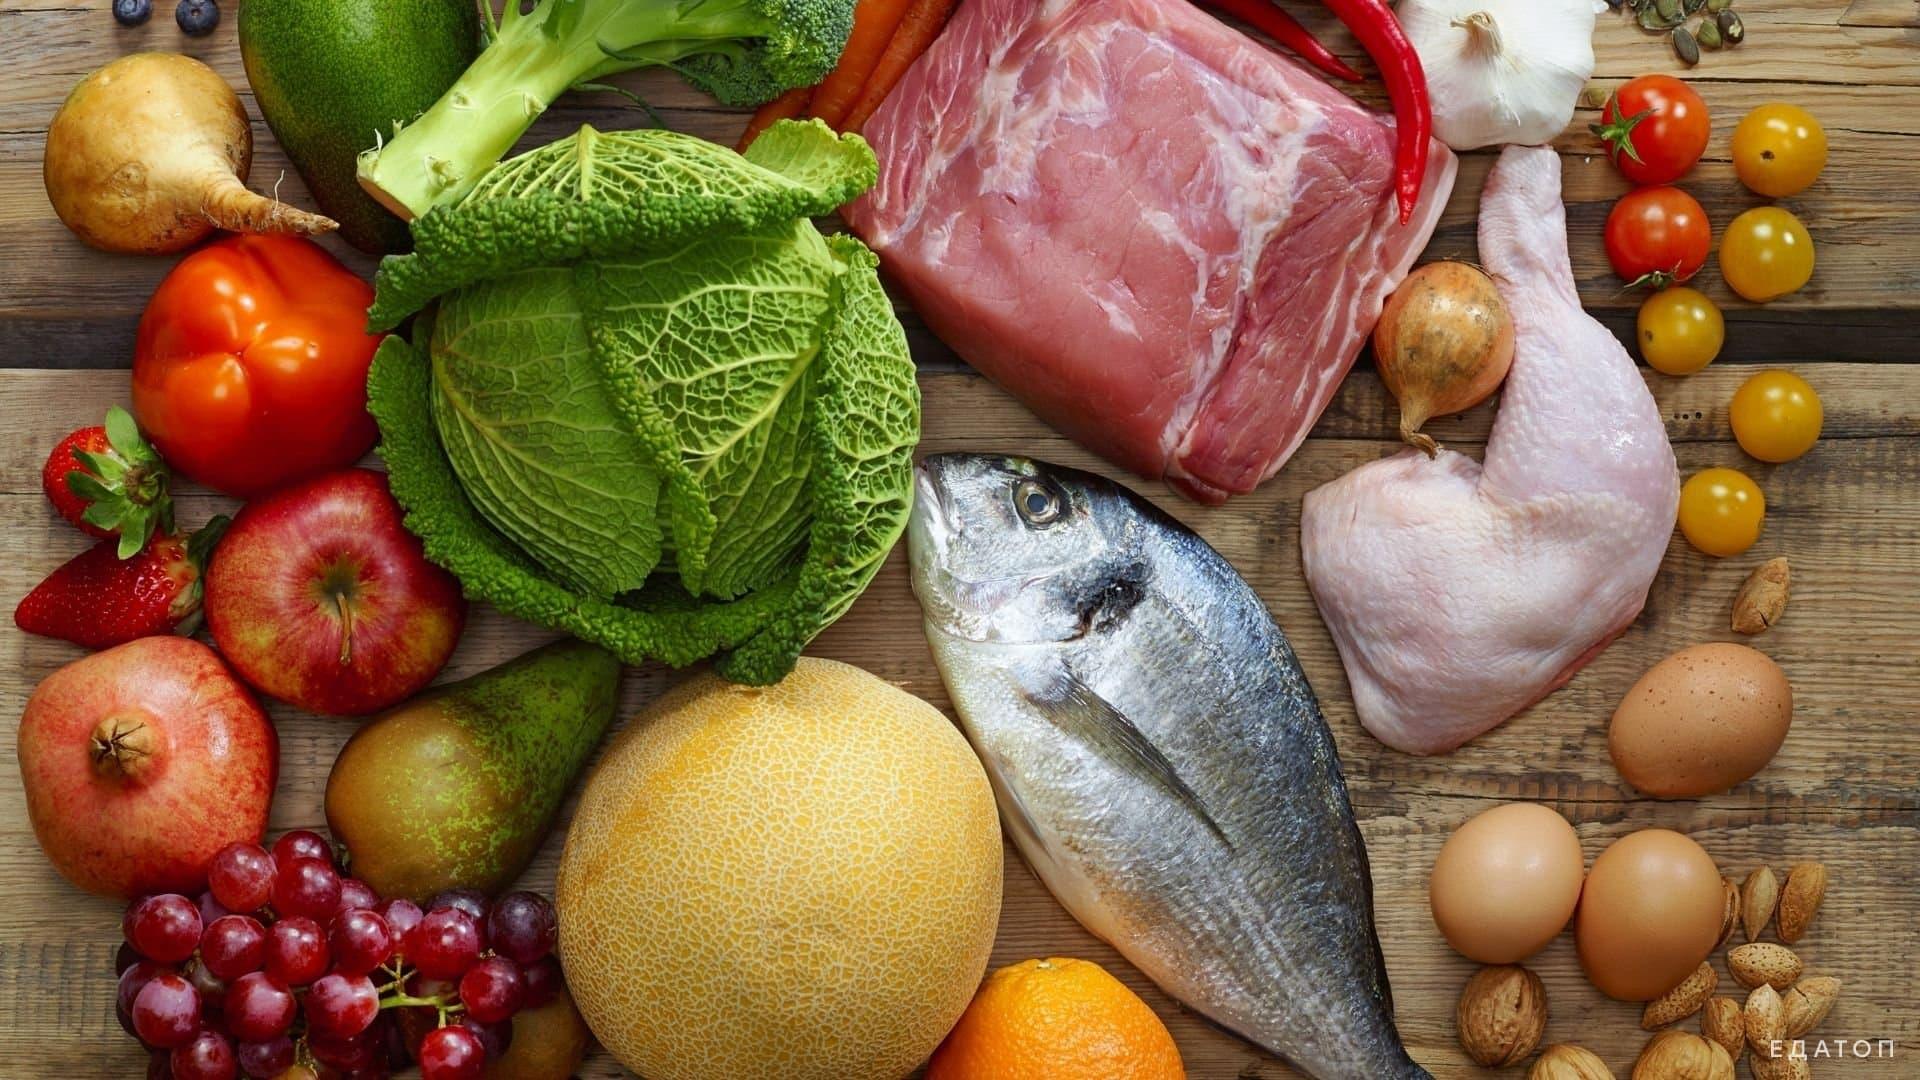 Каждый продукт имеет свою пищевую ценность.